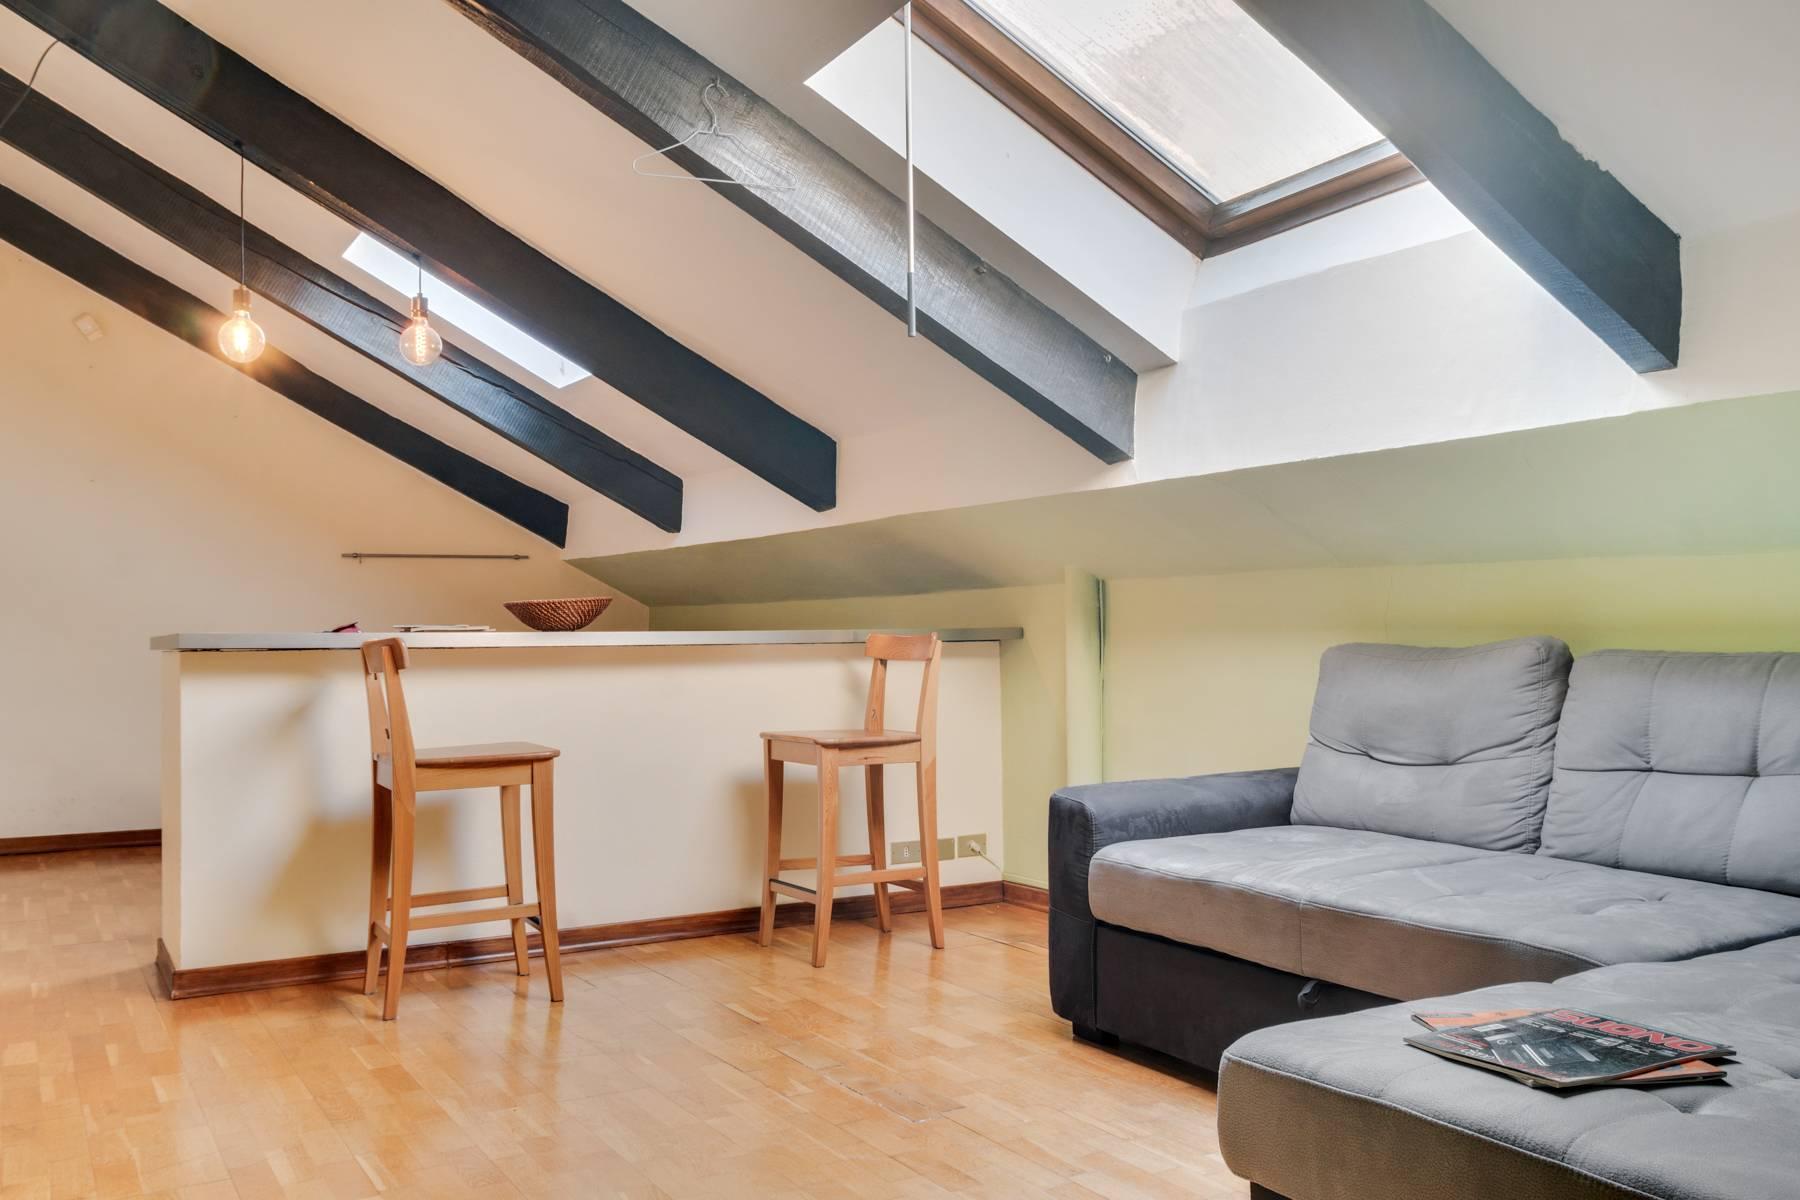 Appartamento in Vendita a Torino: 3 locali, 100 mq - Foto 4